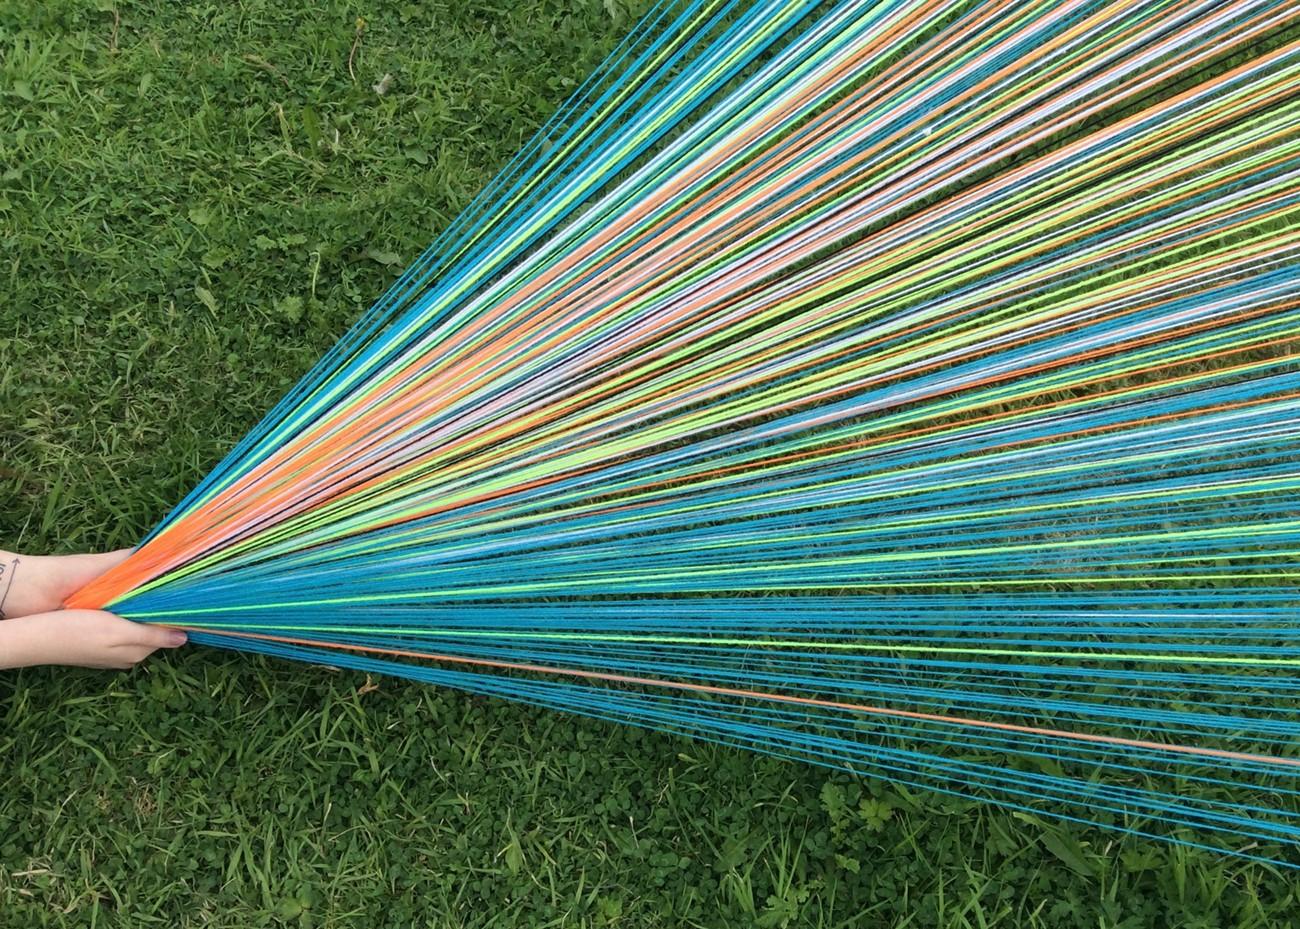 ARTiculated Yarn, Martin Heron